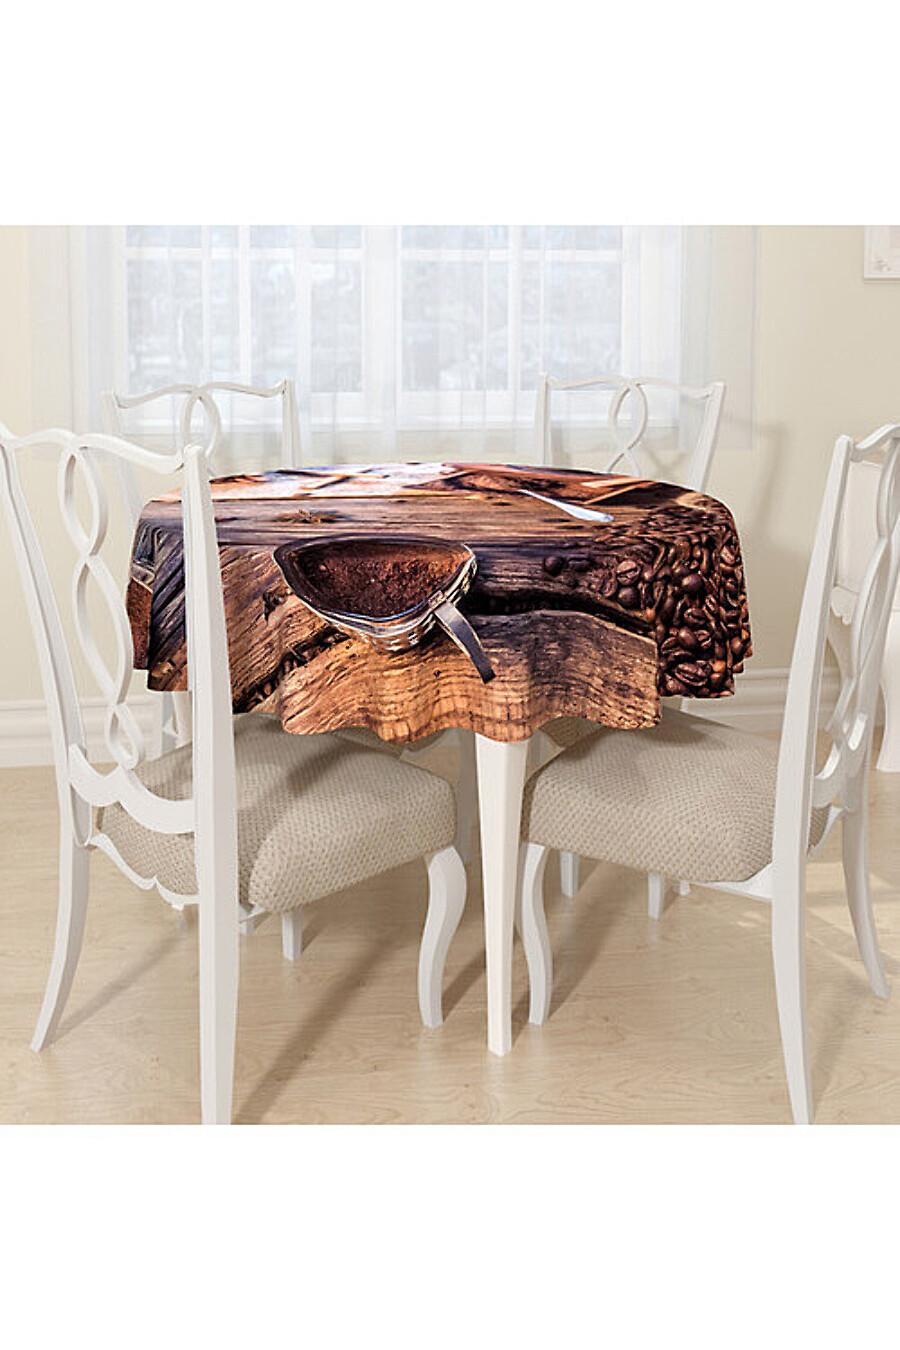 Скатерть для дома ART HOME TEXTILE 180234 купить оптом от производителя. Совместная покупка товаров для дома в OptMoyo